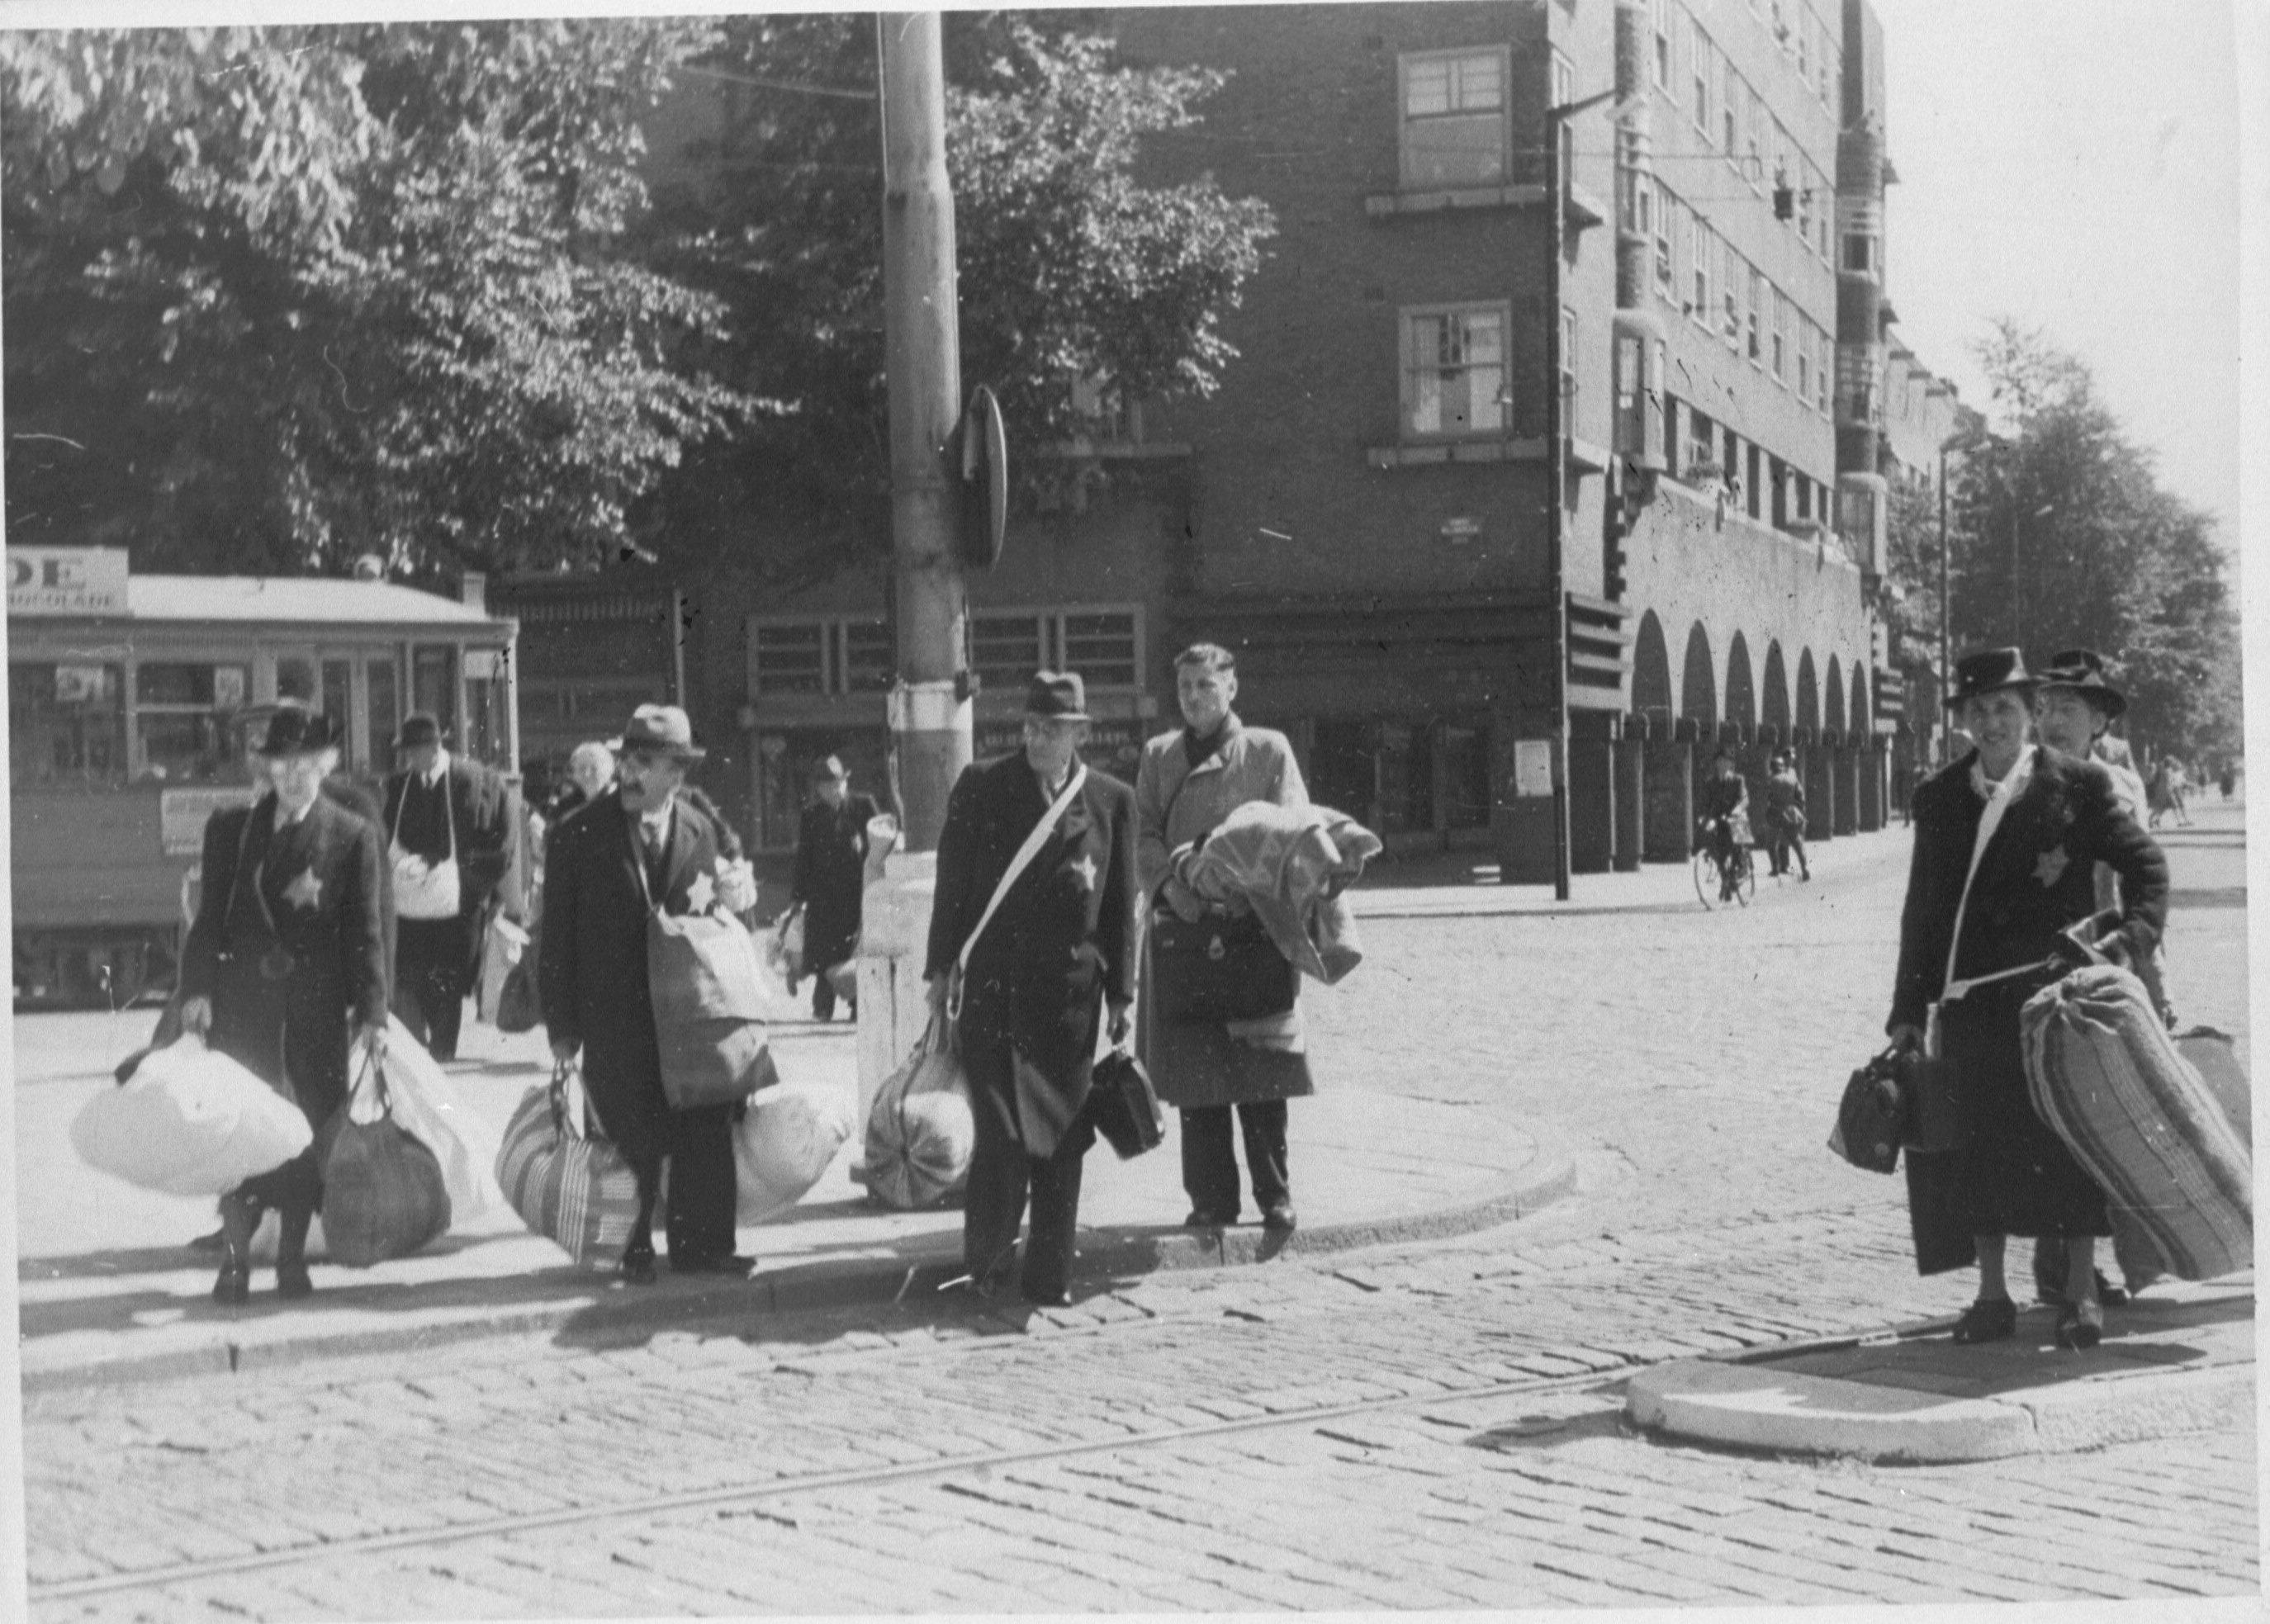 Amsterdamse joden op het Daniël Willinkplein in afwachting van deportatie naar kamp Westerbork op 20 juni 1943.